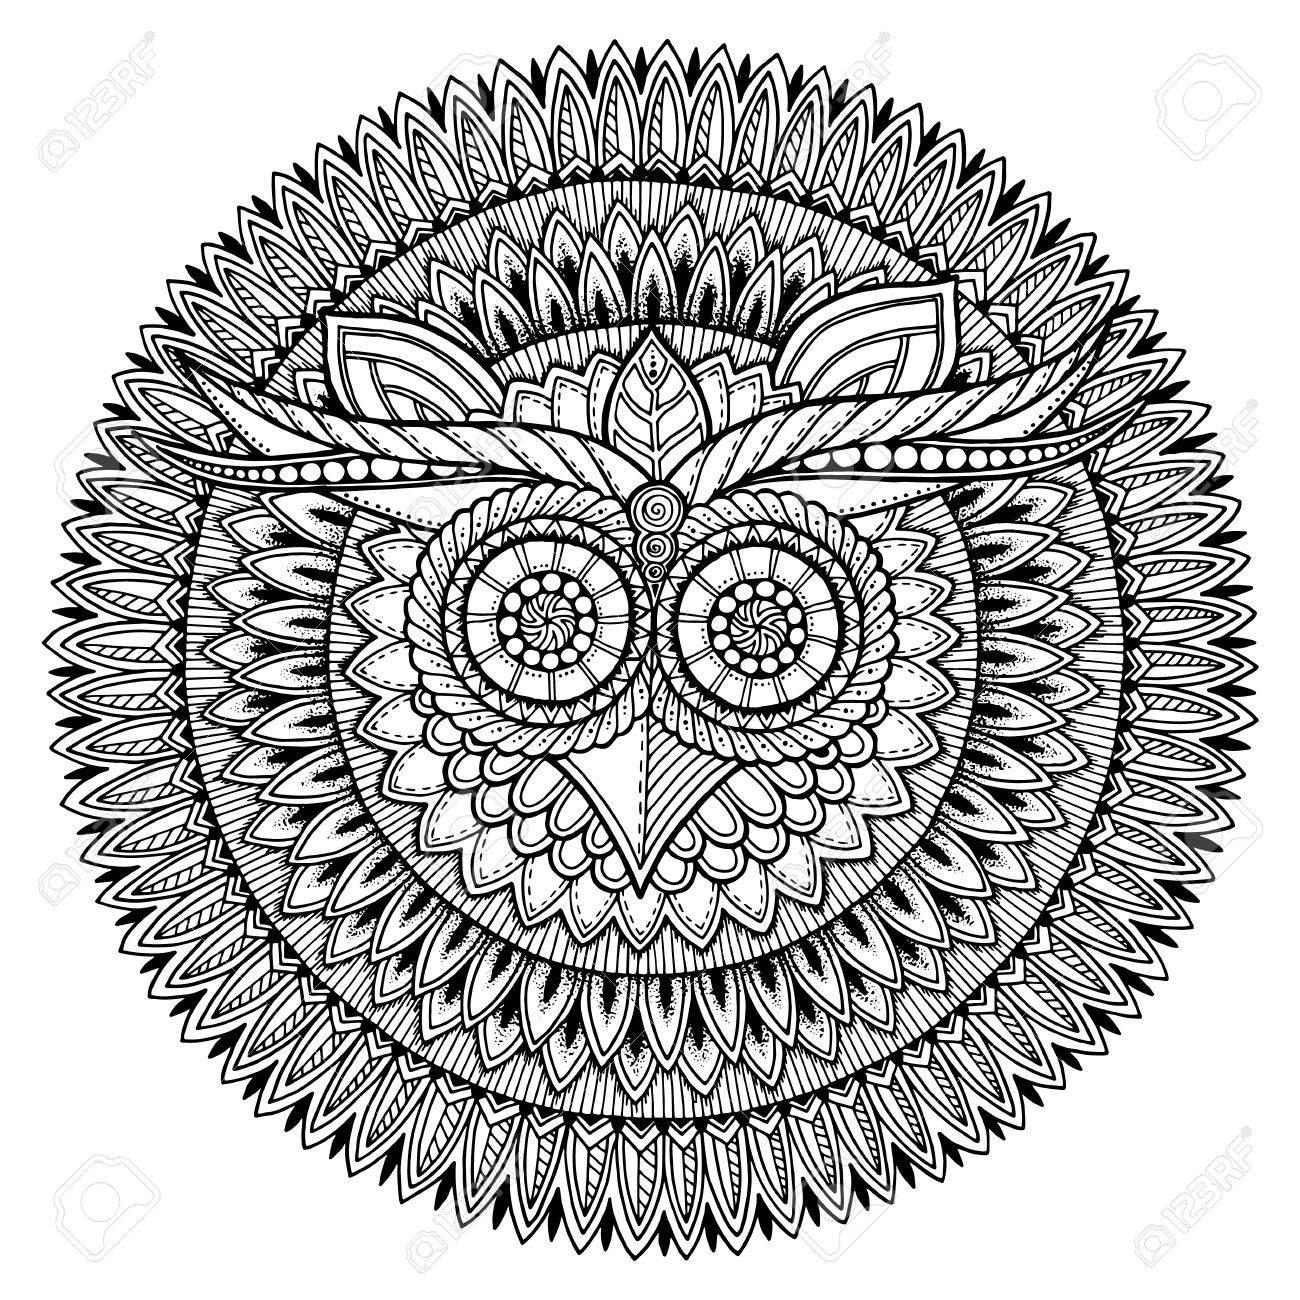 Buho Tatuaje Mandala el tema de las aves. lechuza mandala blanco y negro con el modelo ornamento  azteca étnico abstracto. fondo búho. tatuaje del búho. página para